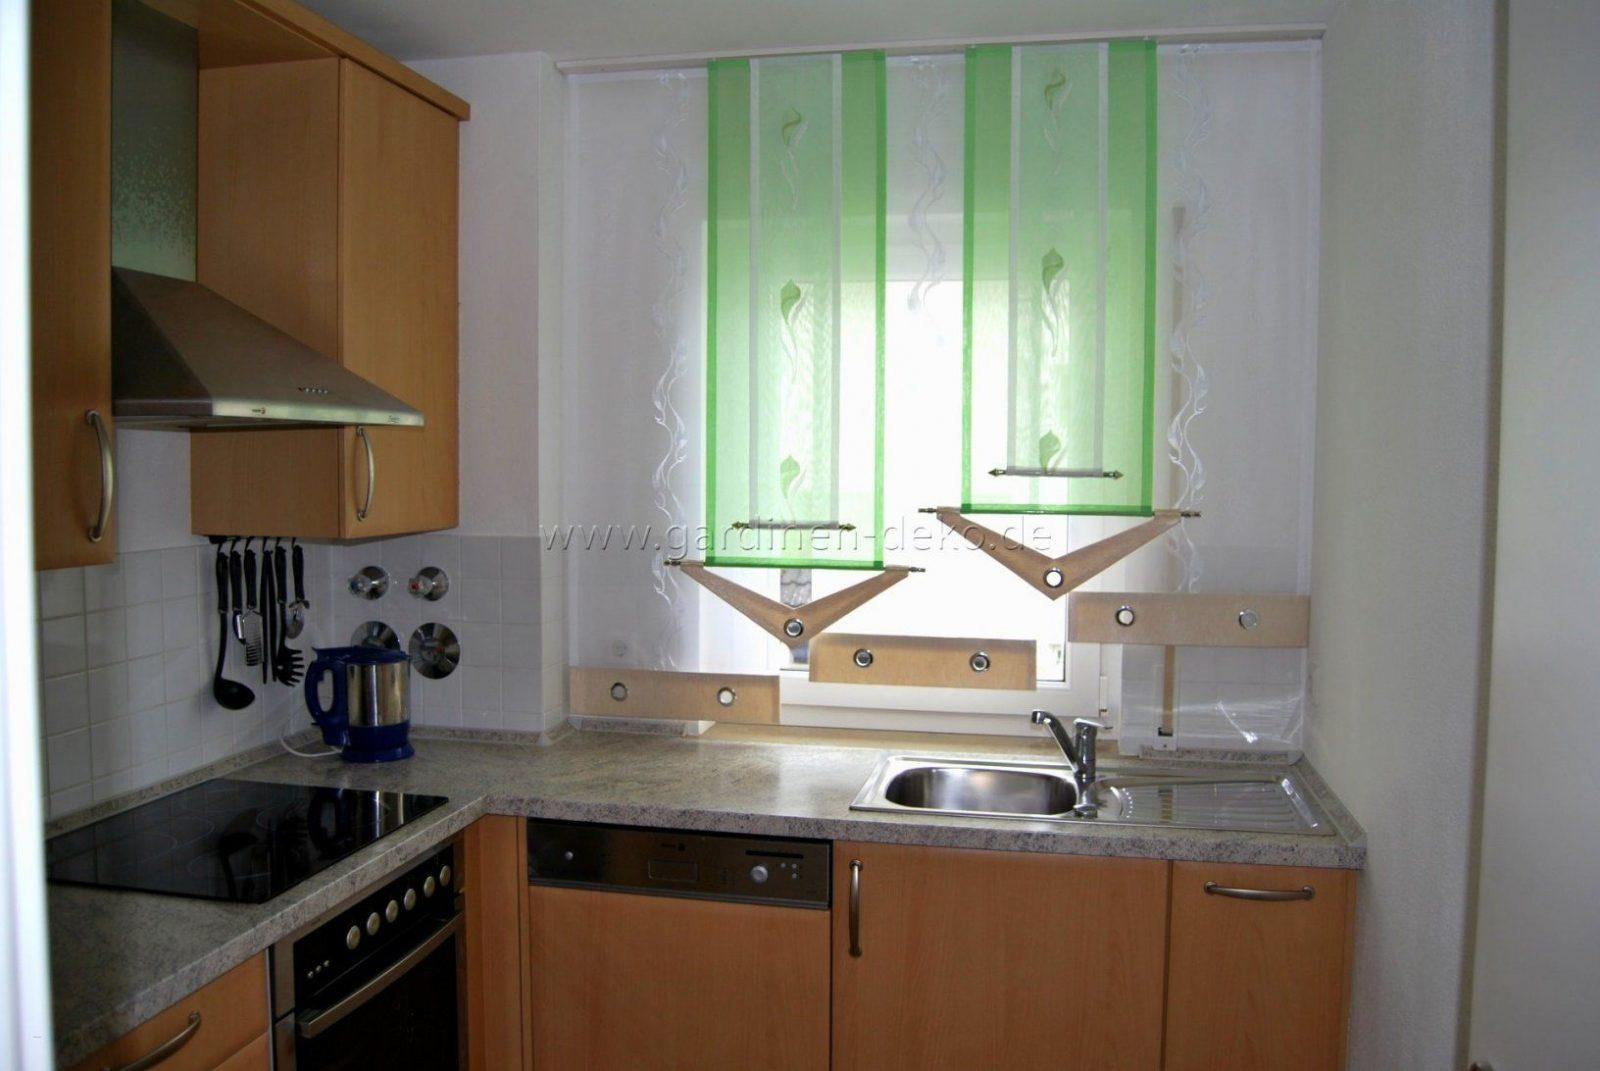 Kuchenfenster Deko Modern Gardinen Deko Modern